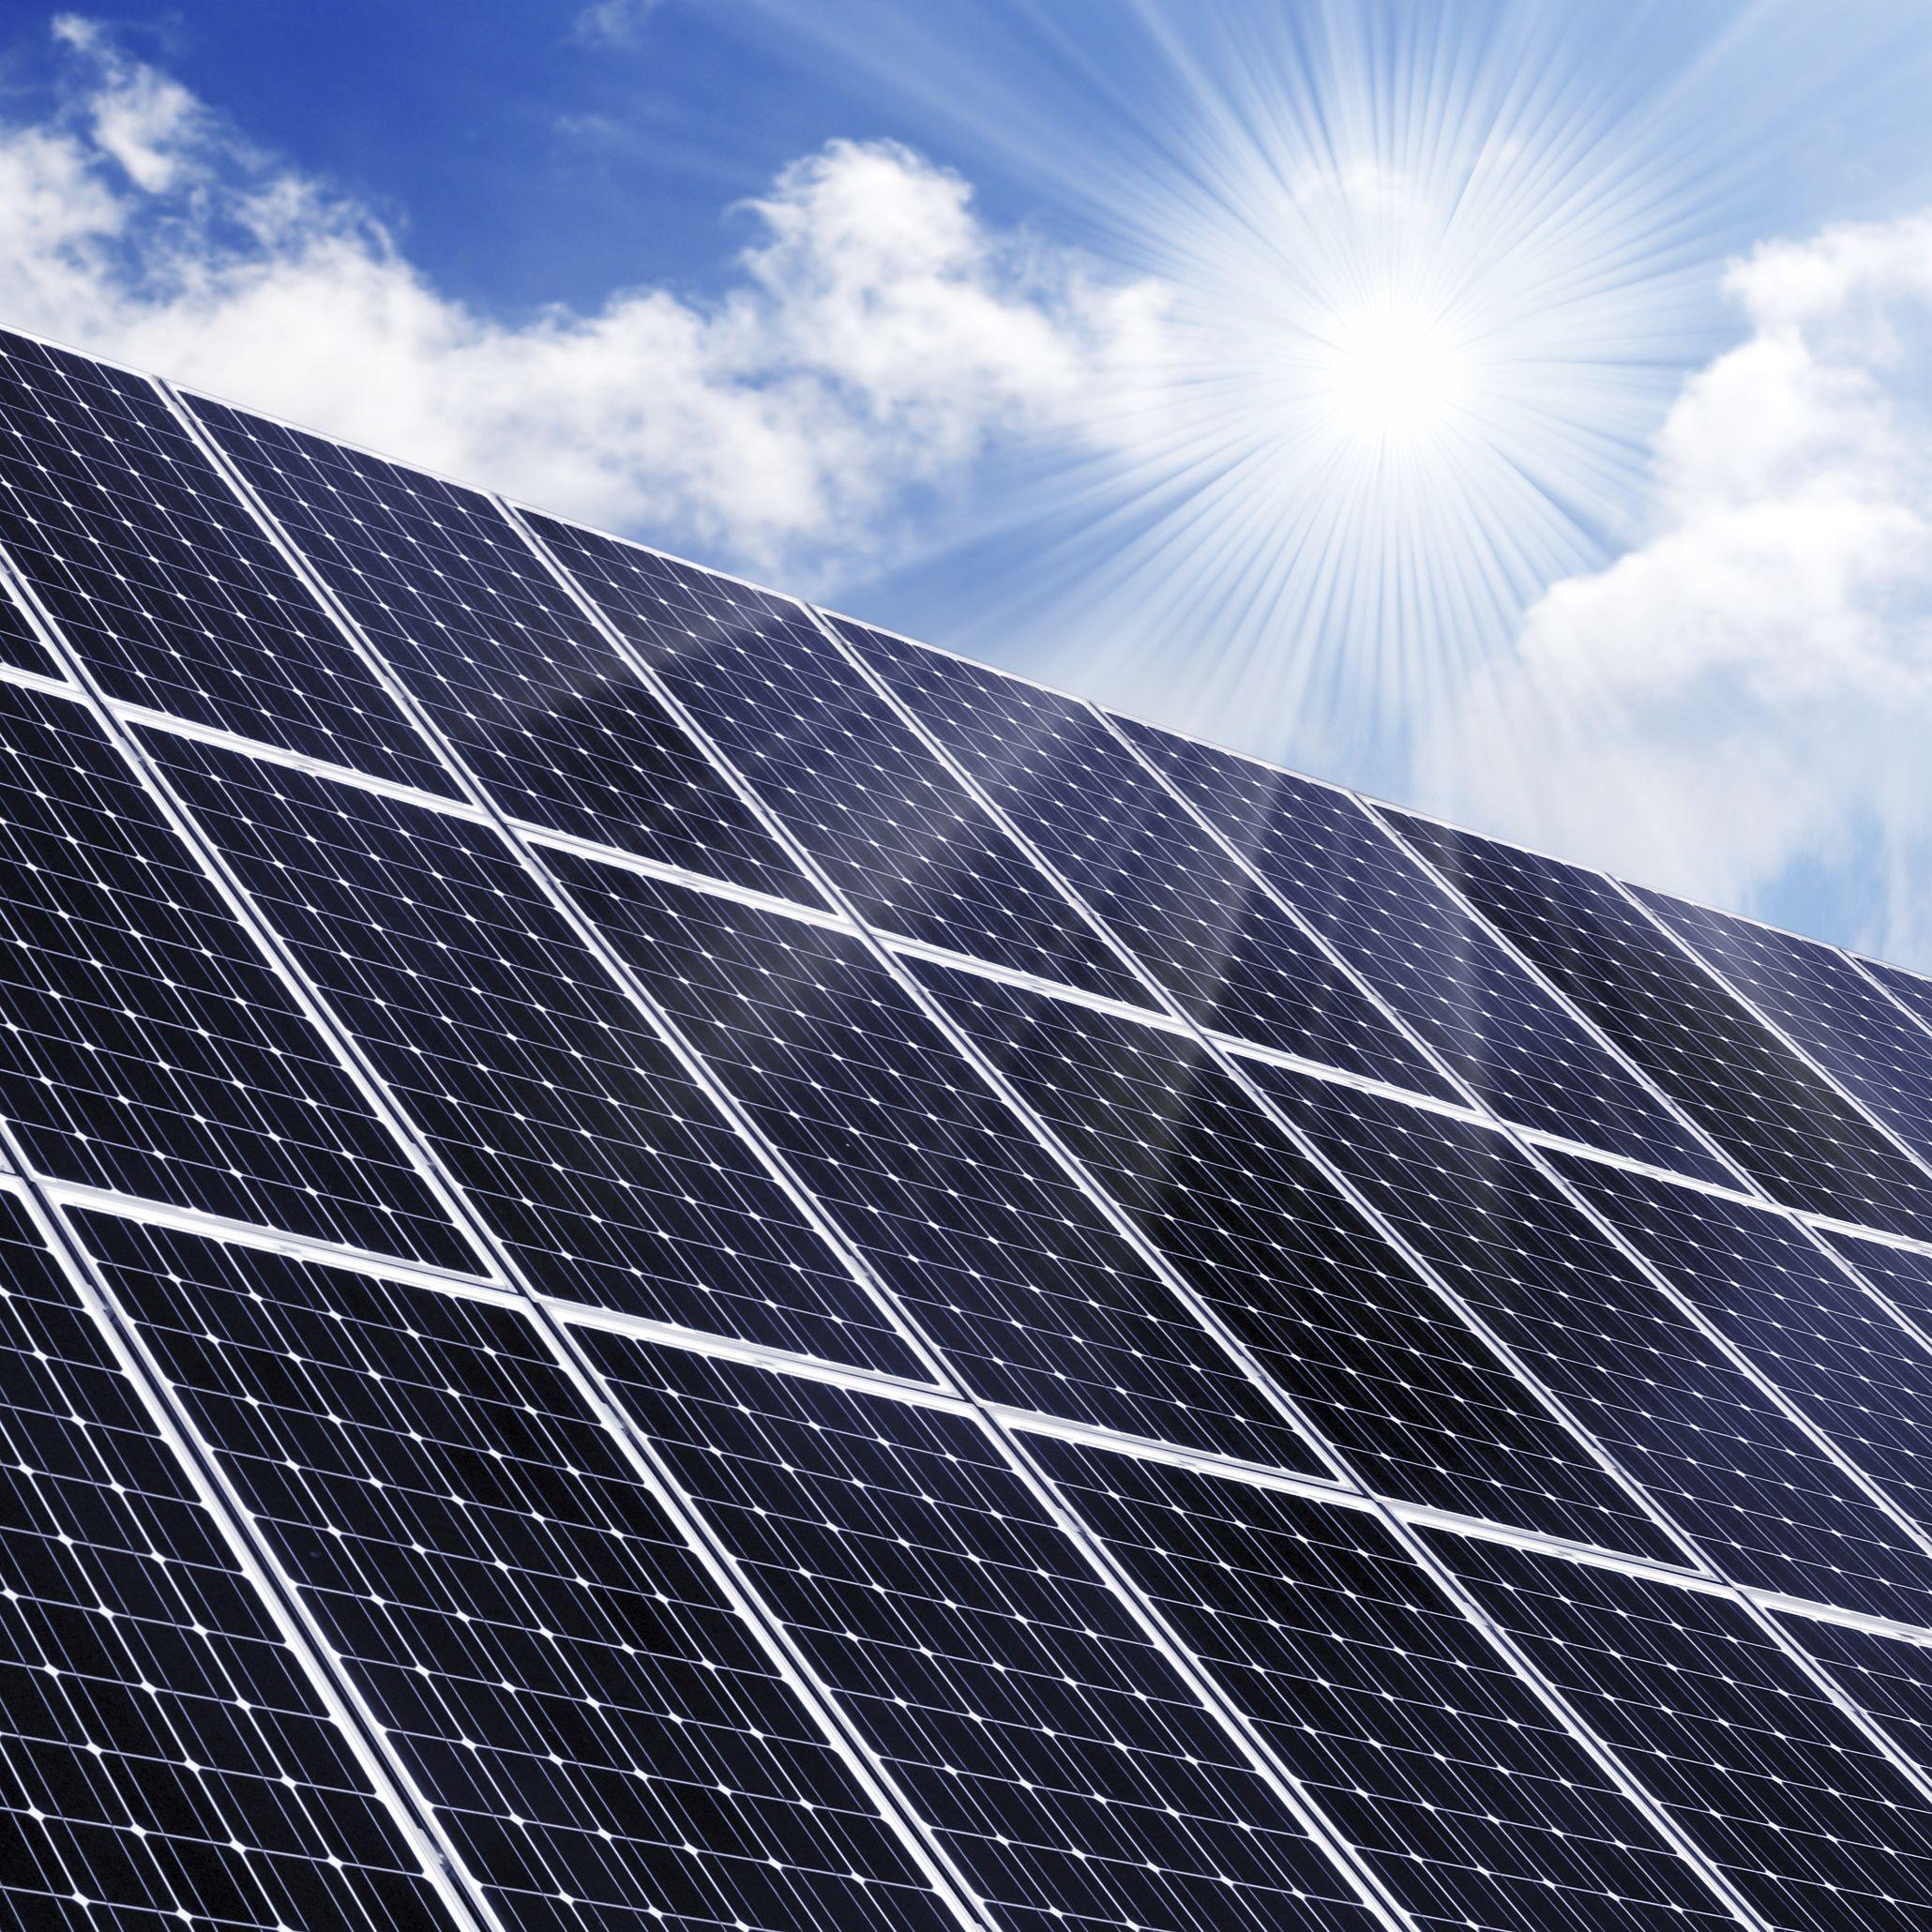 Servicios: Servicios de Energía Solar Para Empresas